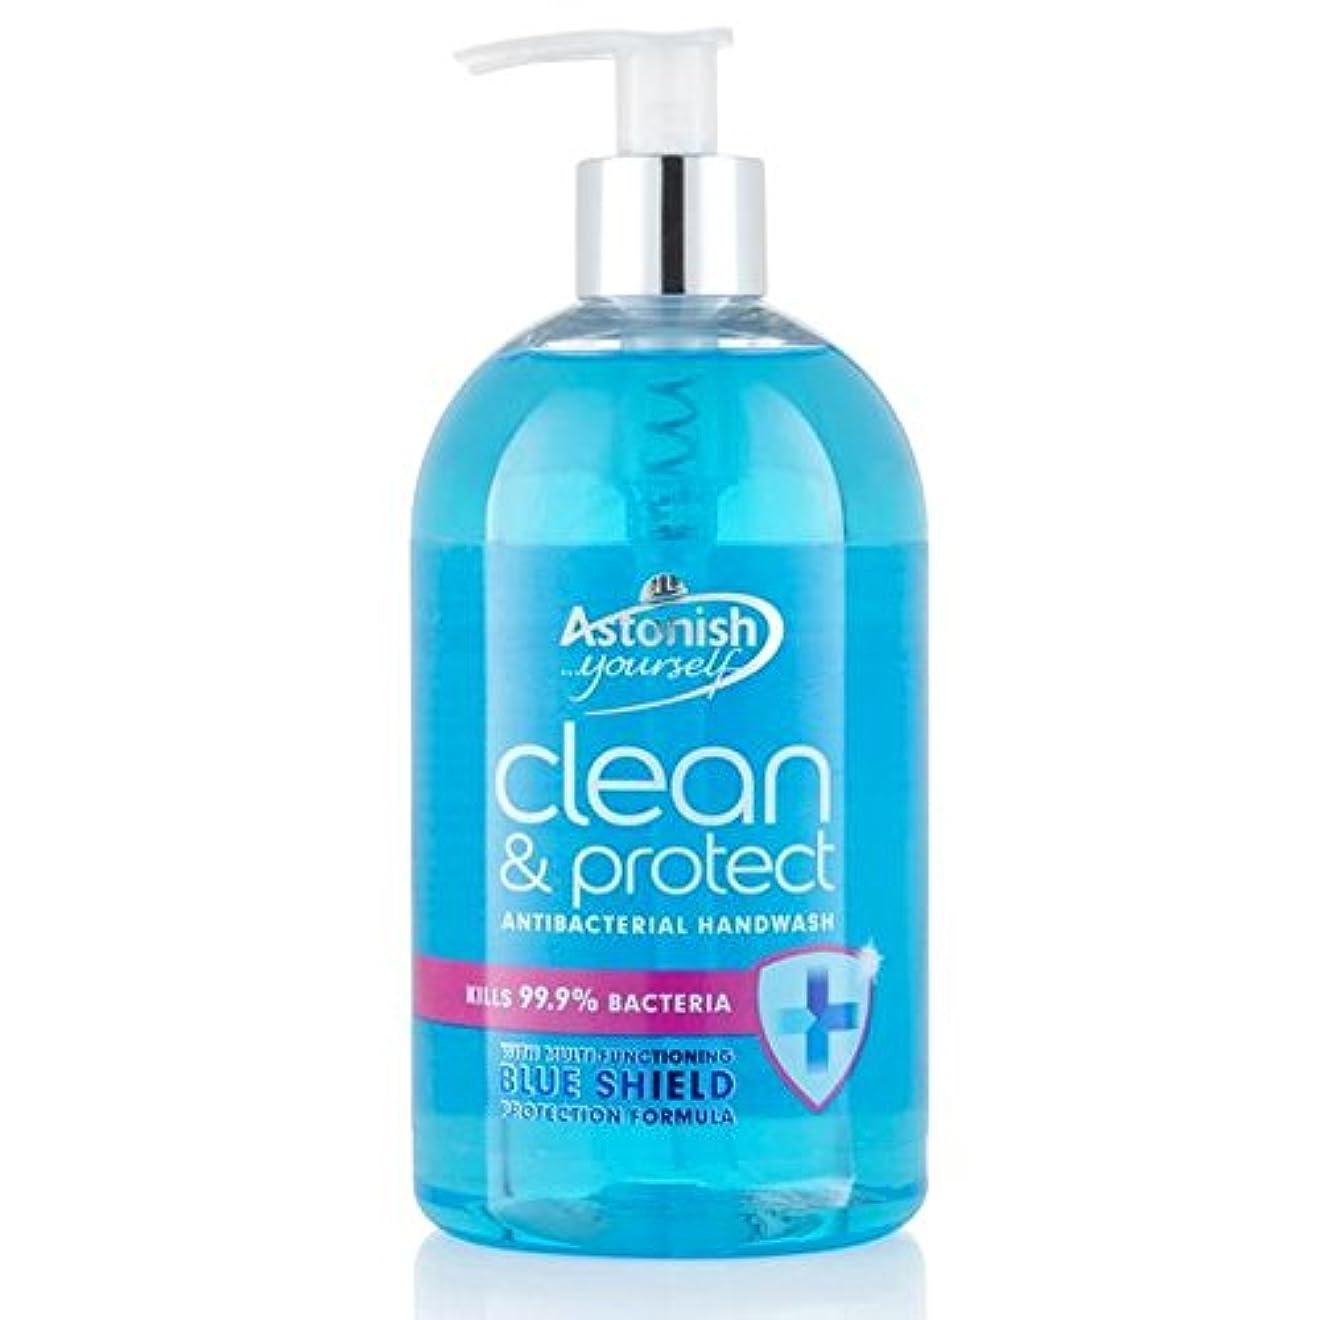 鳩吸い込む哲学博士クリーン驚か&ハンドウォッシュ500ミリリットルを保護 x2 - Astonish Clean & Protect Hand Wash 500ml (Pack of 2) [並行輸入品]